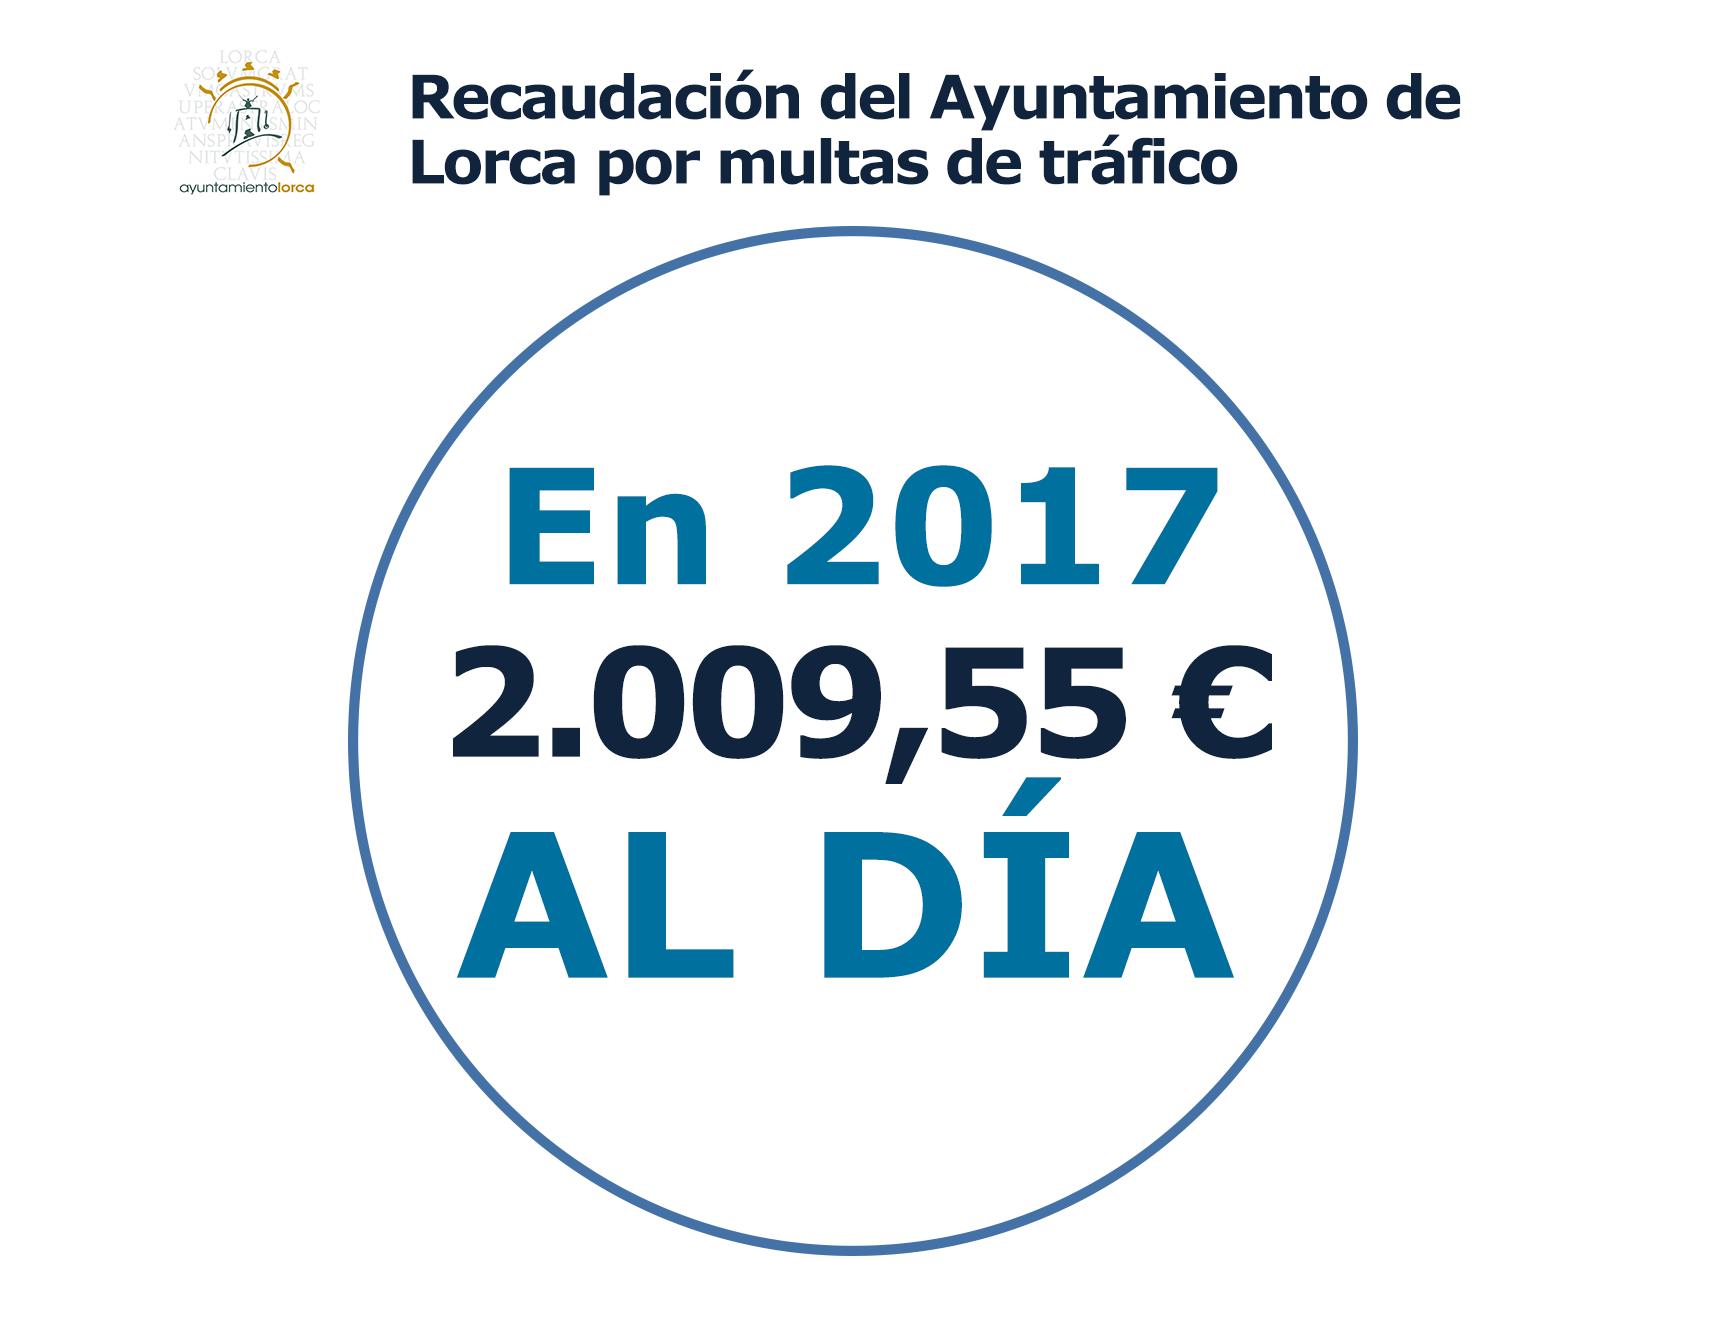 """PSOE: """"Los ingresos del Ayuntamiento (PP) a base de multas de tráfico en Lorca superaron los 2.000 euros al día en 2017"""""""